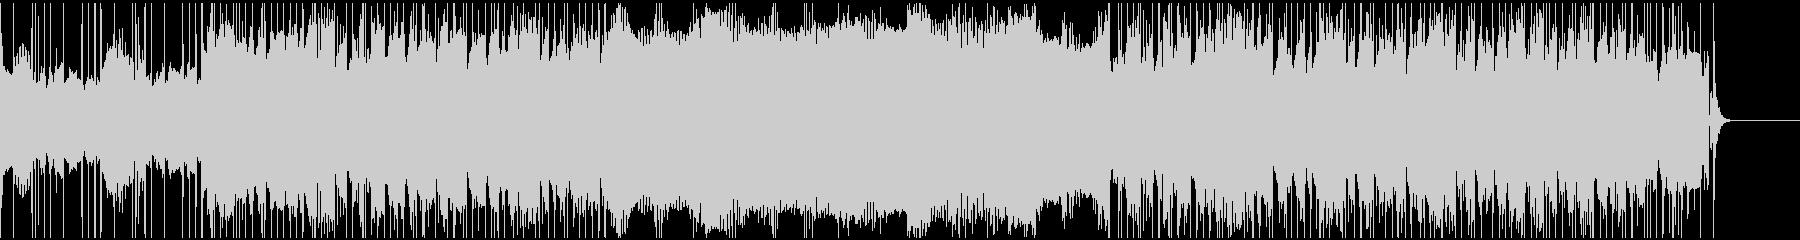 エスニックサウンドのパーカッション...の未再生の波形